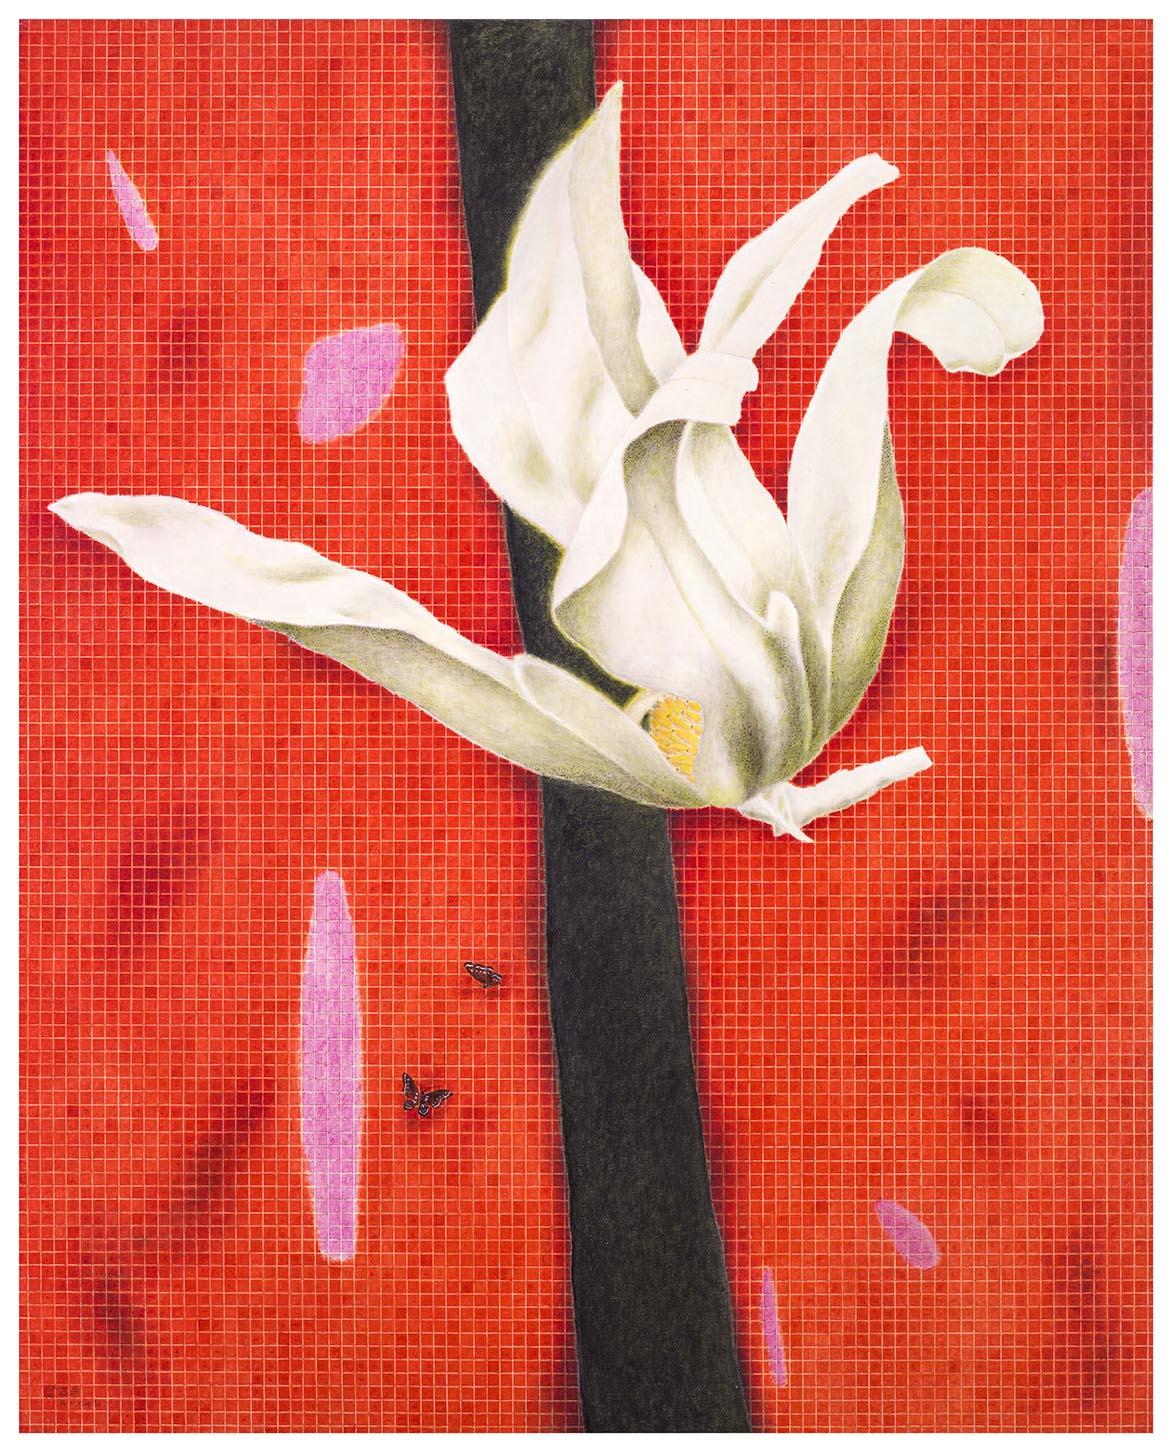 木兰花开-红 油彩画布 162x130cm